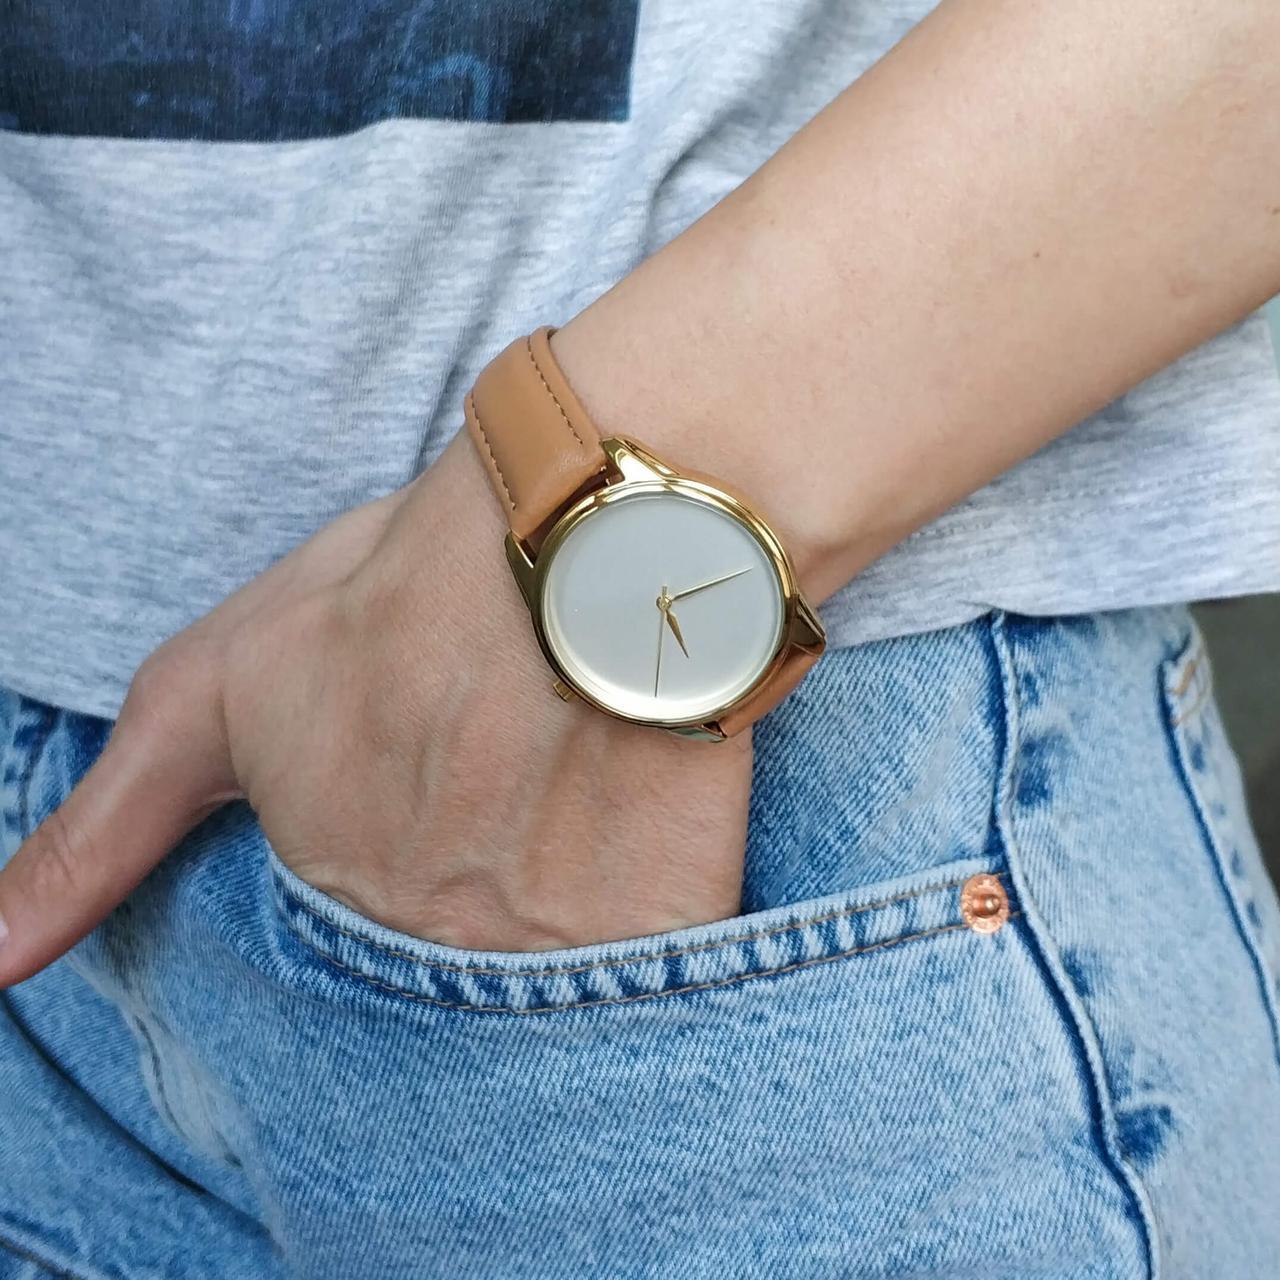 Часы ZIZ Минимализм (ремешок карамельно - коричневый, золото) + дополнительный ремешок